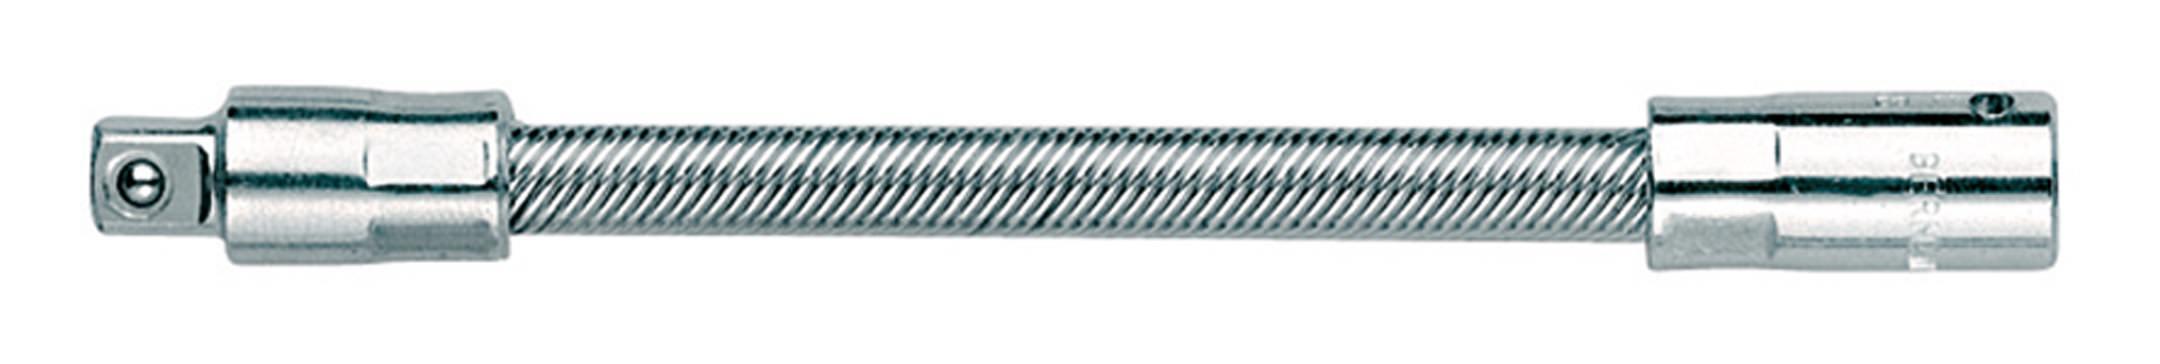 """Gedore Verlängerung 1/4"""" 120mm flexibel - 6170240"""